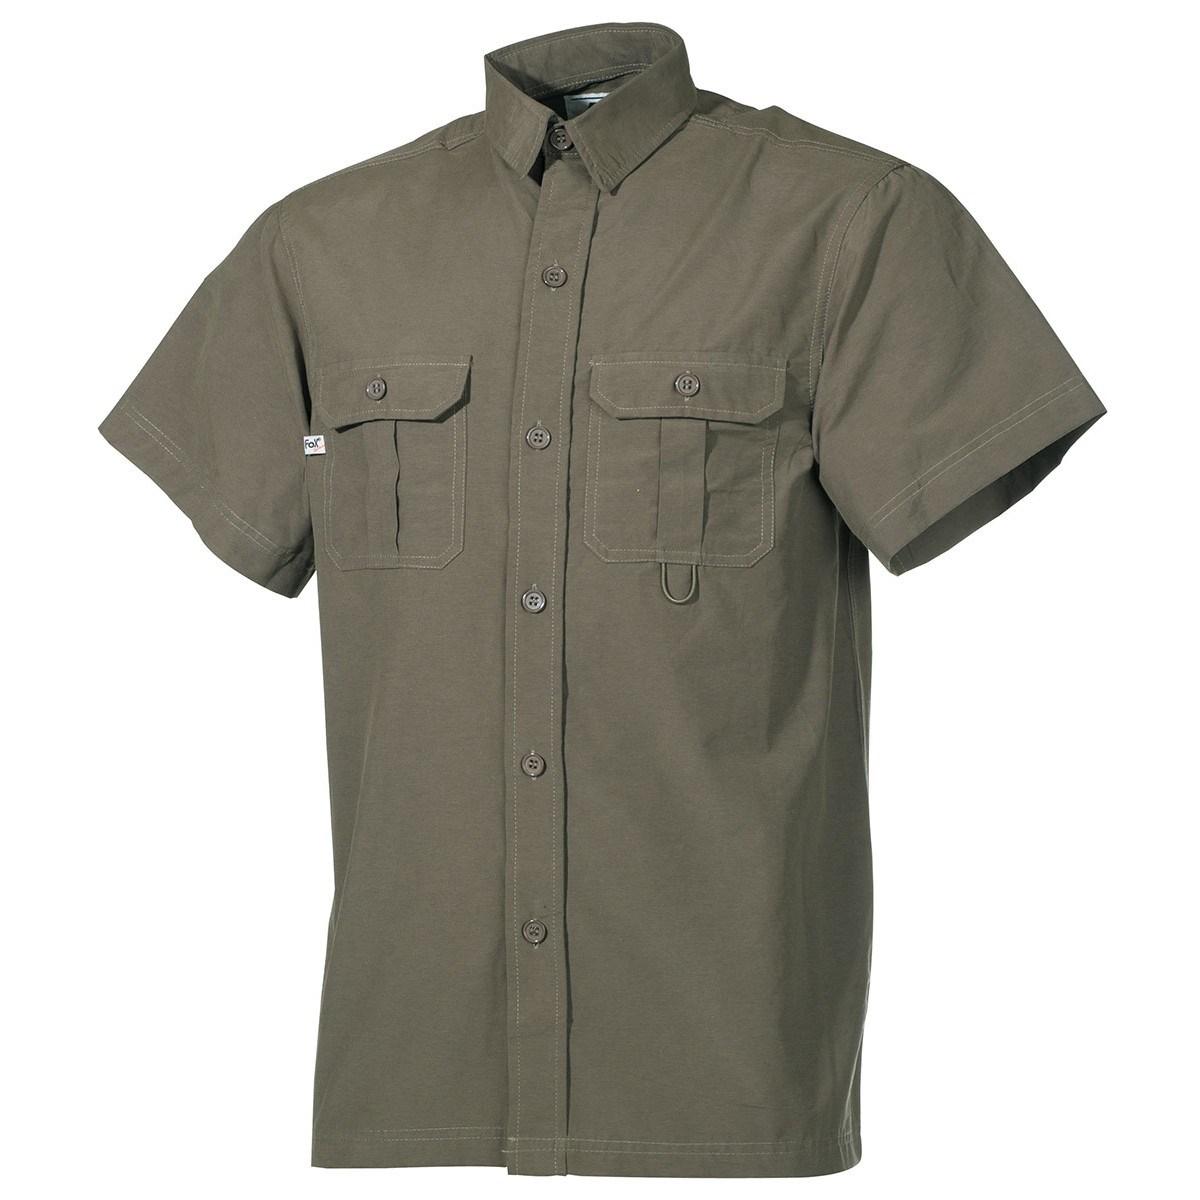 Košile OUTDOOR krátký rukáv ZELENÁ FOX Outdoor 02303B L-11